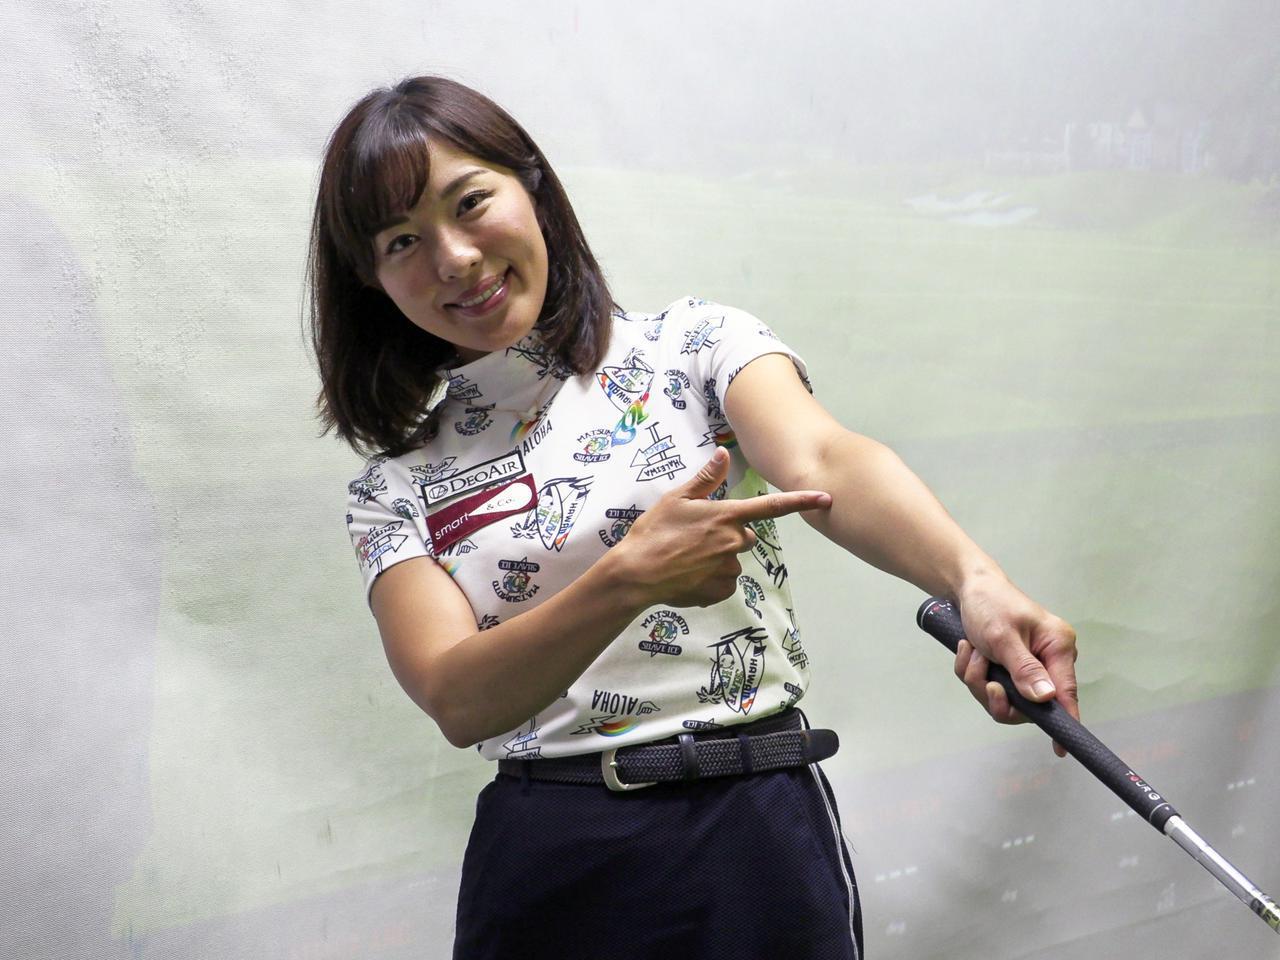 画像: フォロースルーで左腕が伸びた際に腕の内側が上側を向いている状態が正解